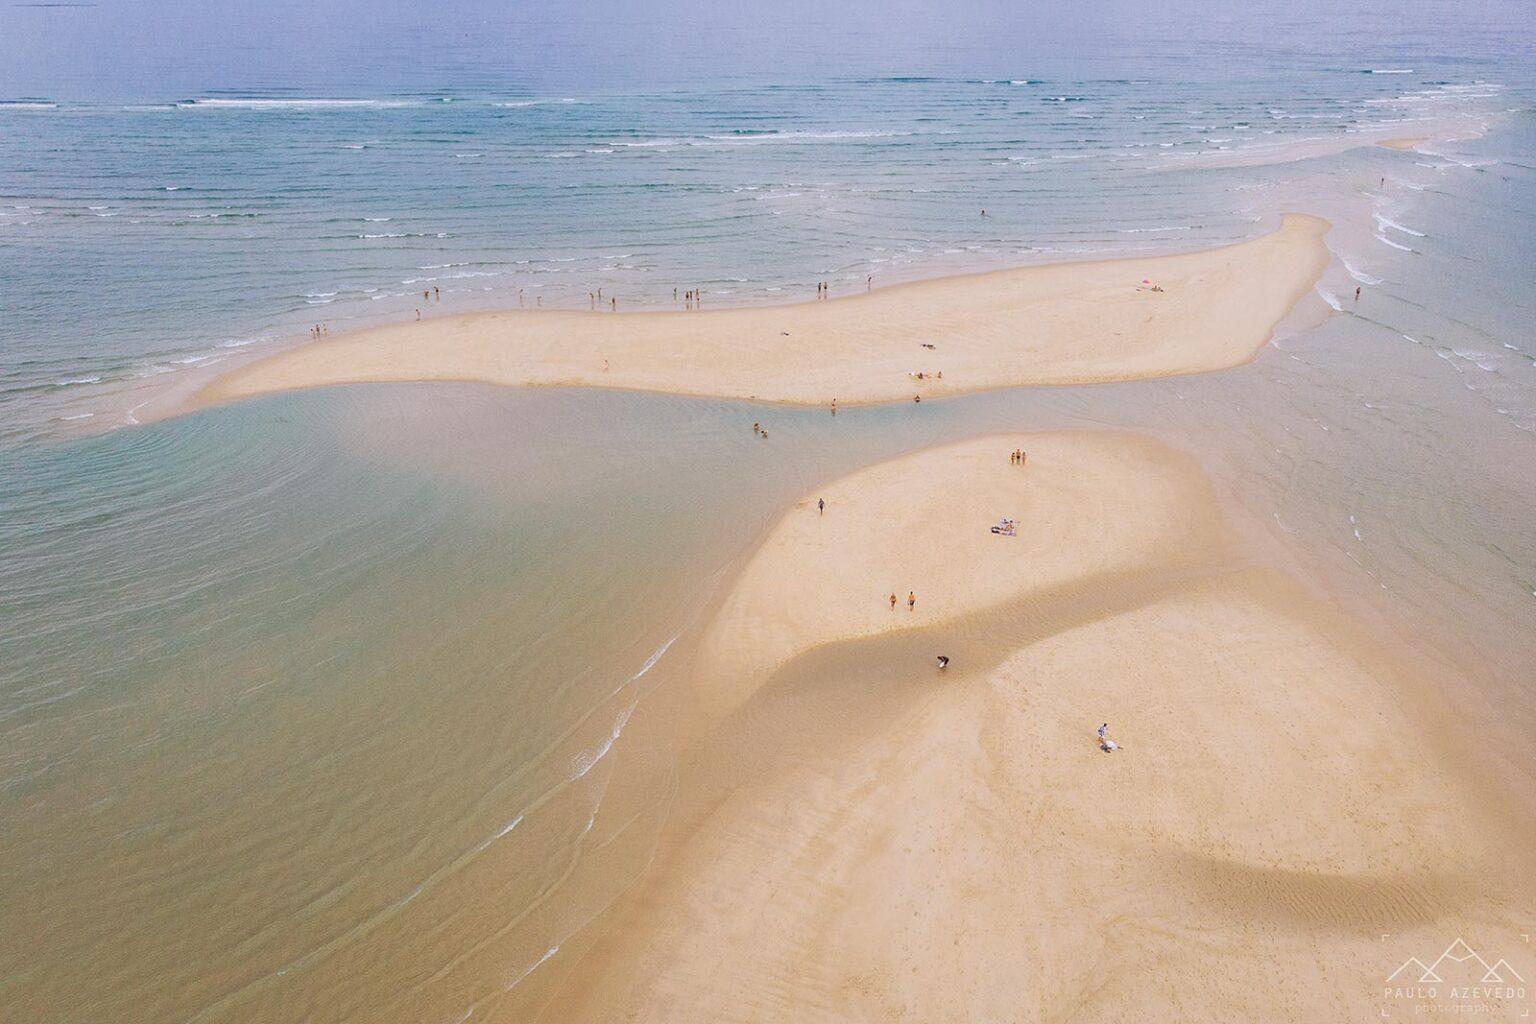 praia cercada pelo mar